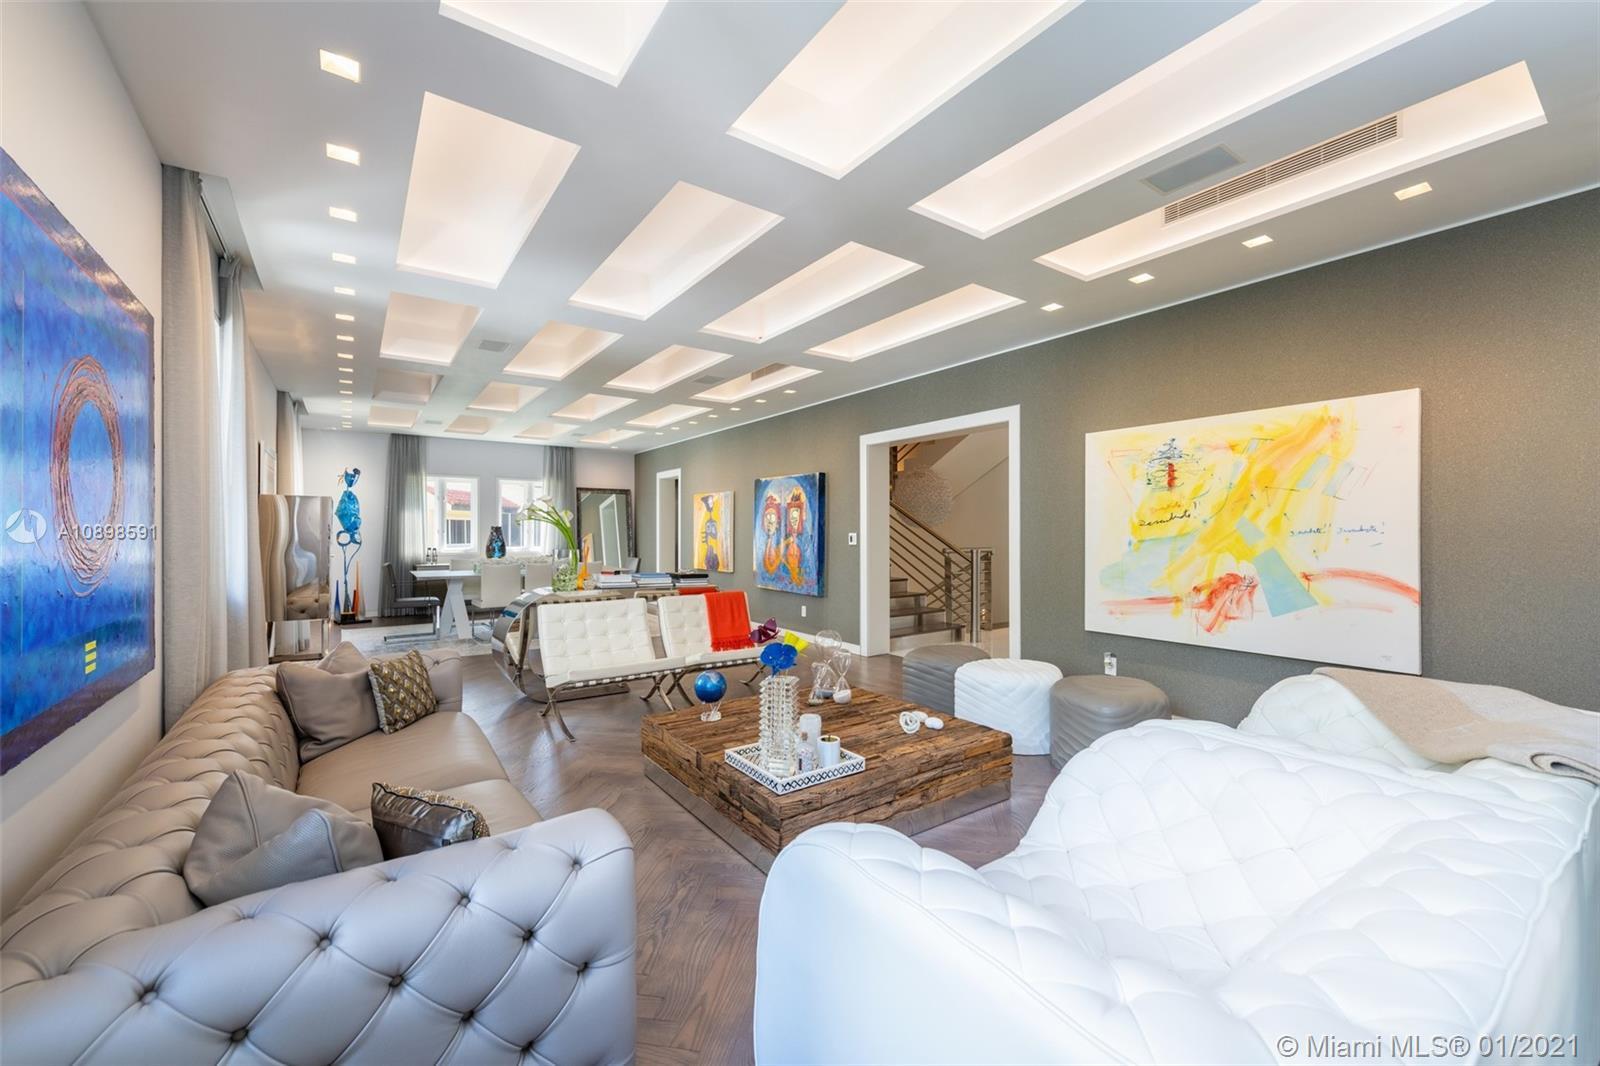 3521 Bayshore Villas Dr, Miami, Florida 33133, 4 Bedrooms Bedrooms, ,5 BathroomsBathrooms,Residential,For Sale,3521 Bayshore Villas Dr,A10898591